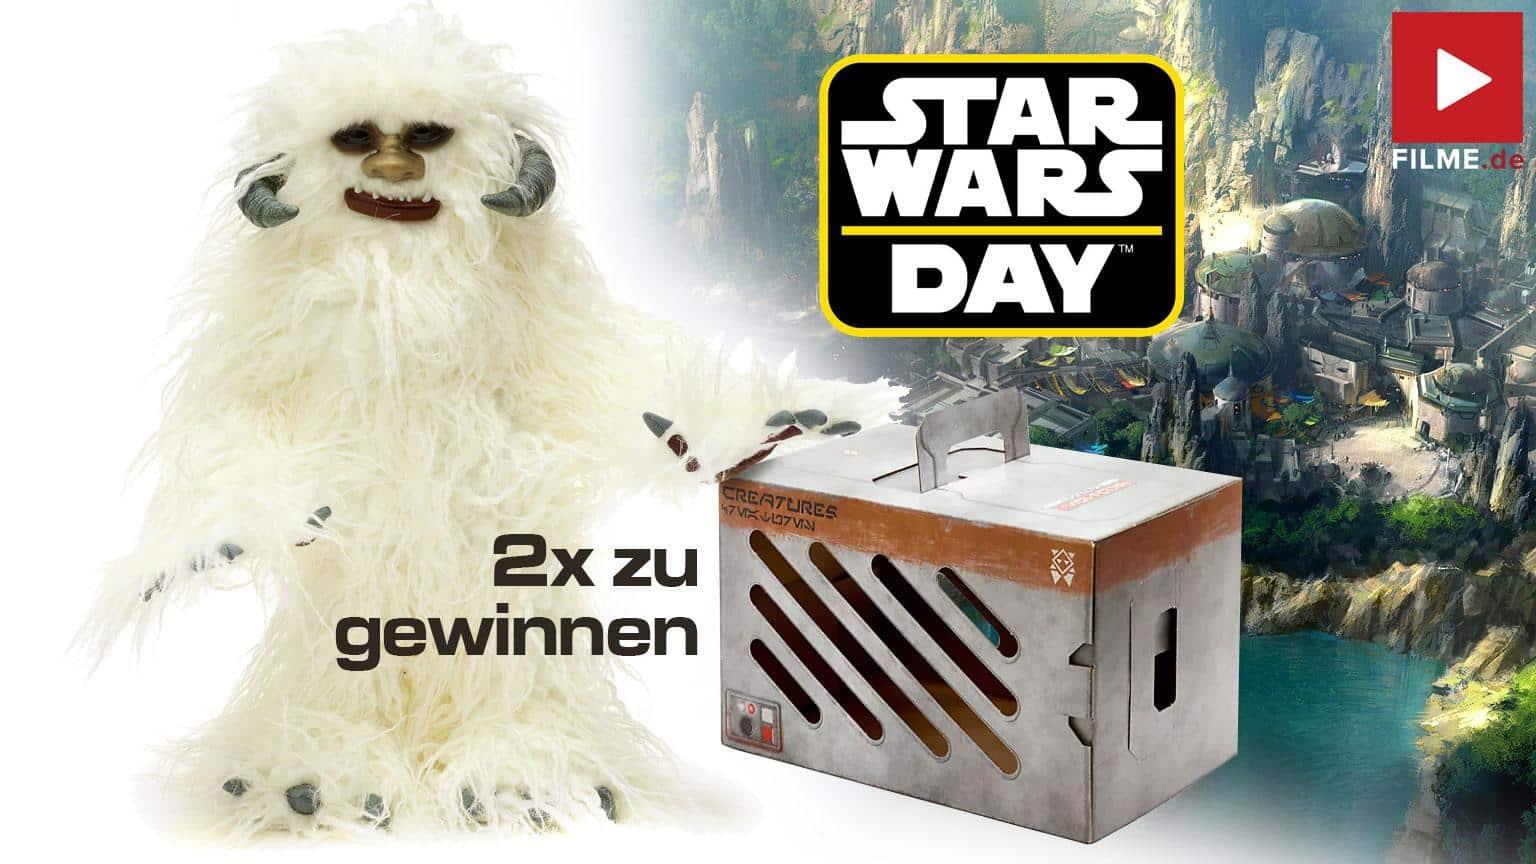 Star Wars: Galaxy Edge by Disney Store Wampa Plüsch Gewinnspiel gewinnen shop kaufen Walt Disney star Wars Day 2021 Artikelbild